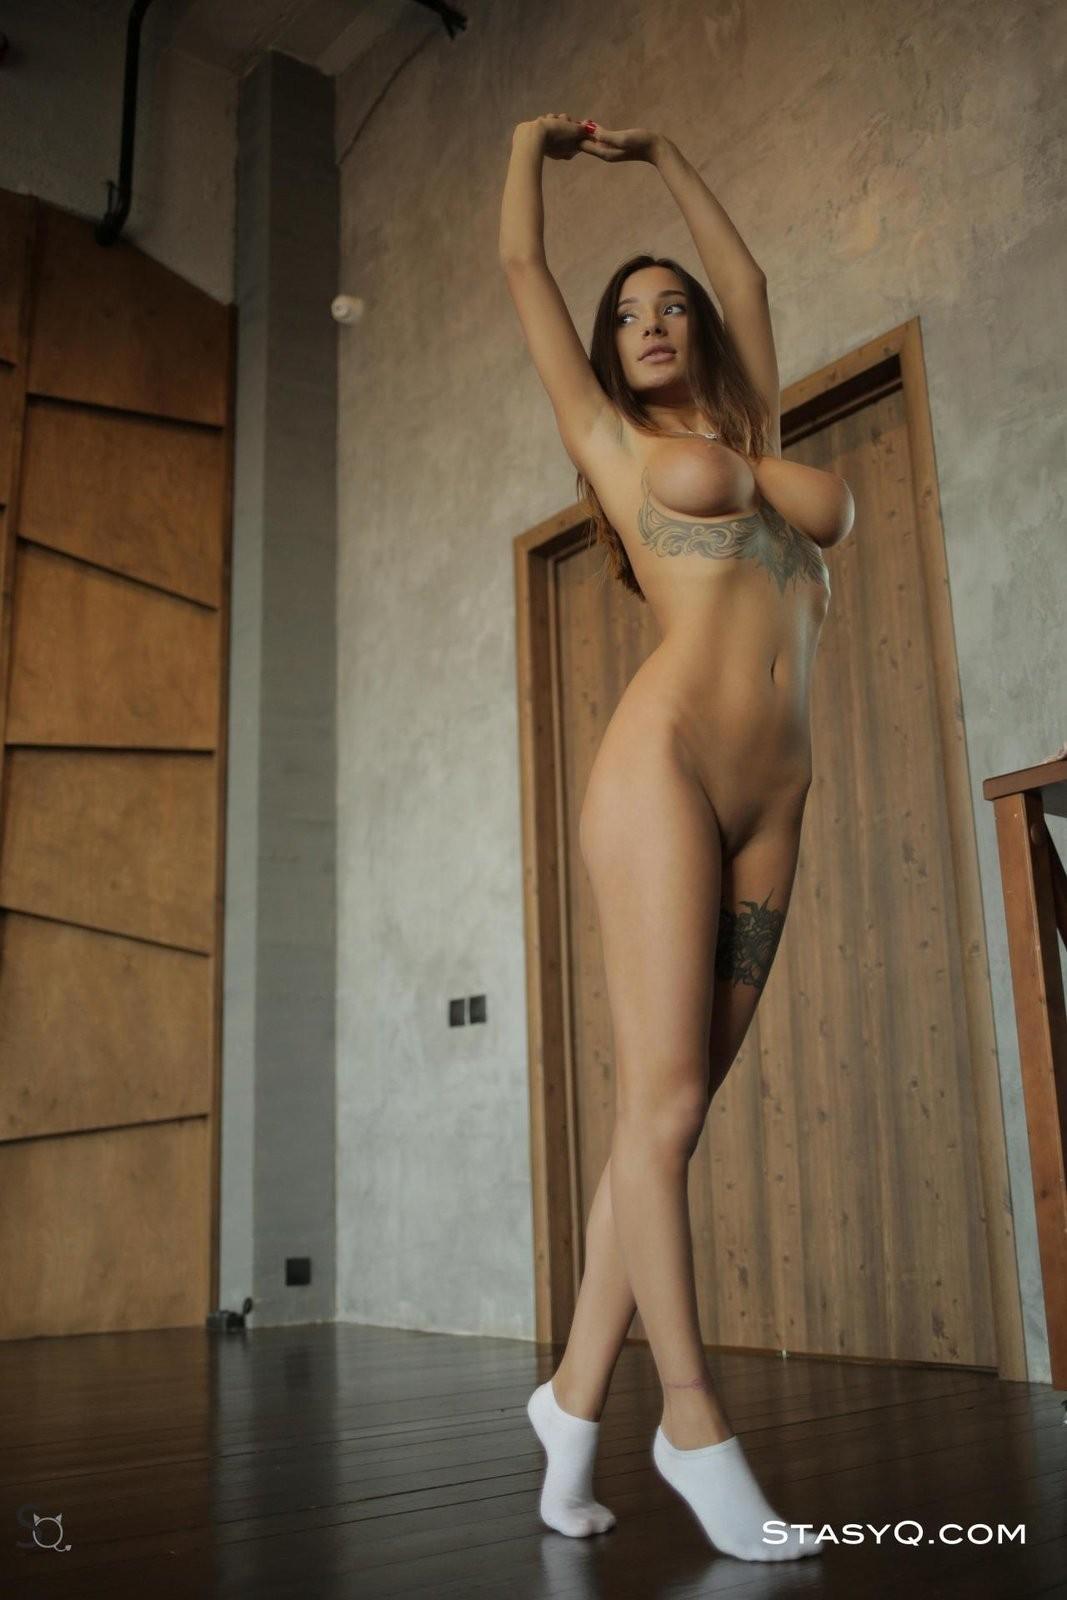 Красавица с крупными сиськами позирует в трусиках - фото